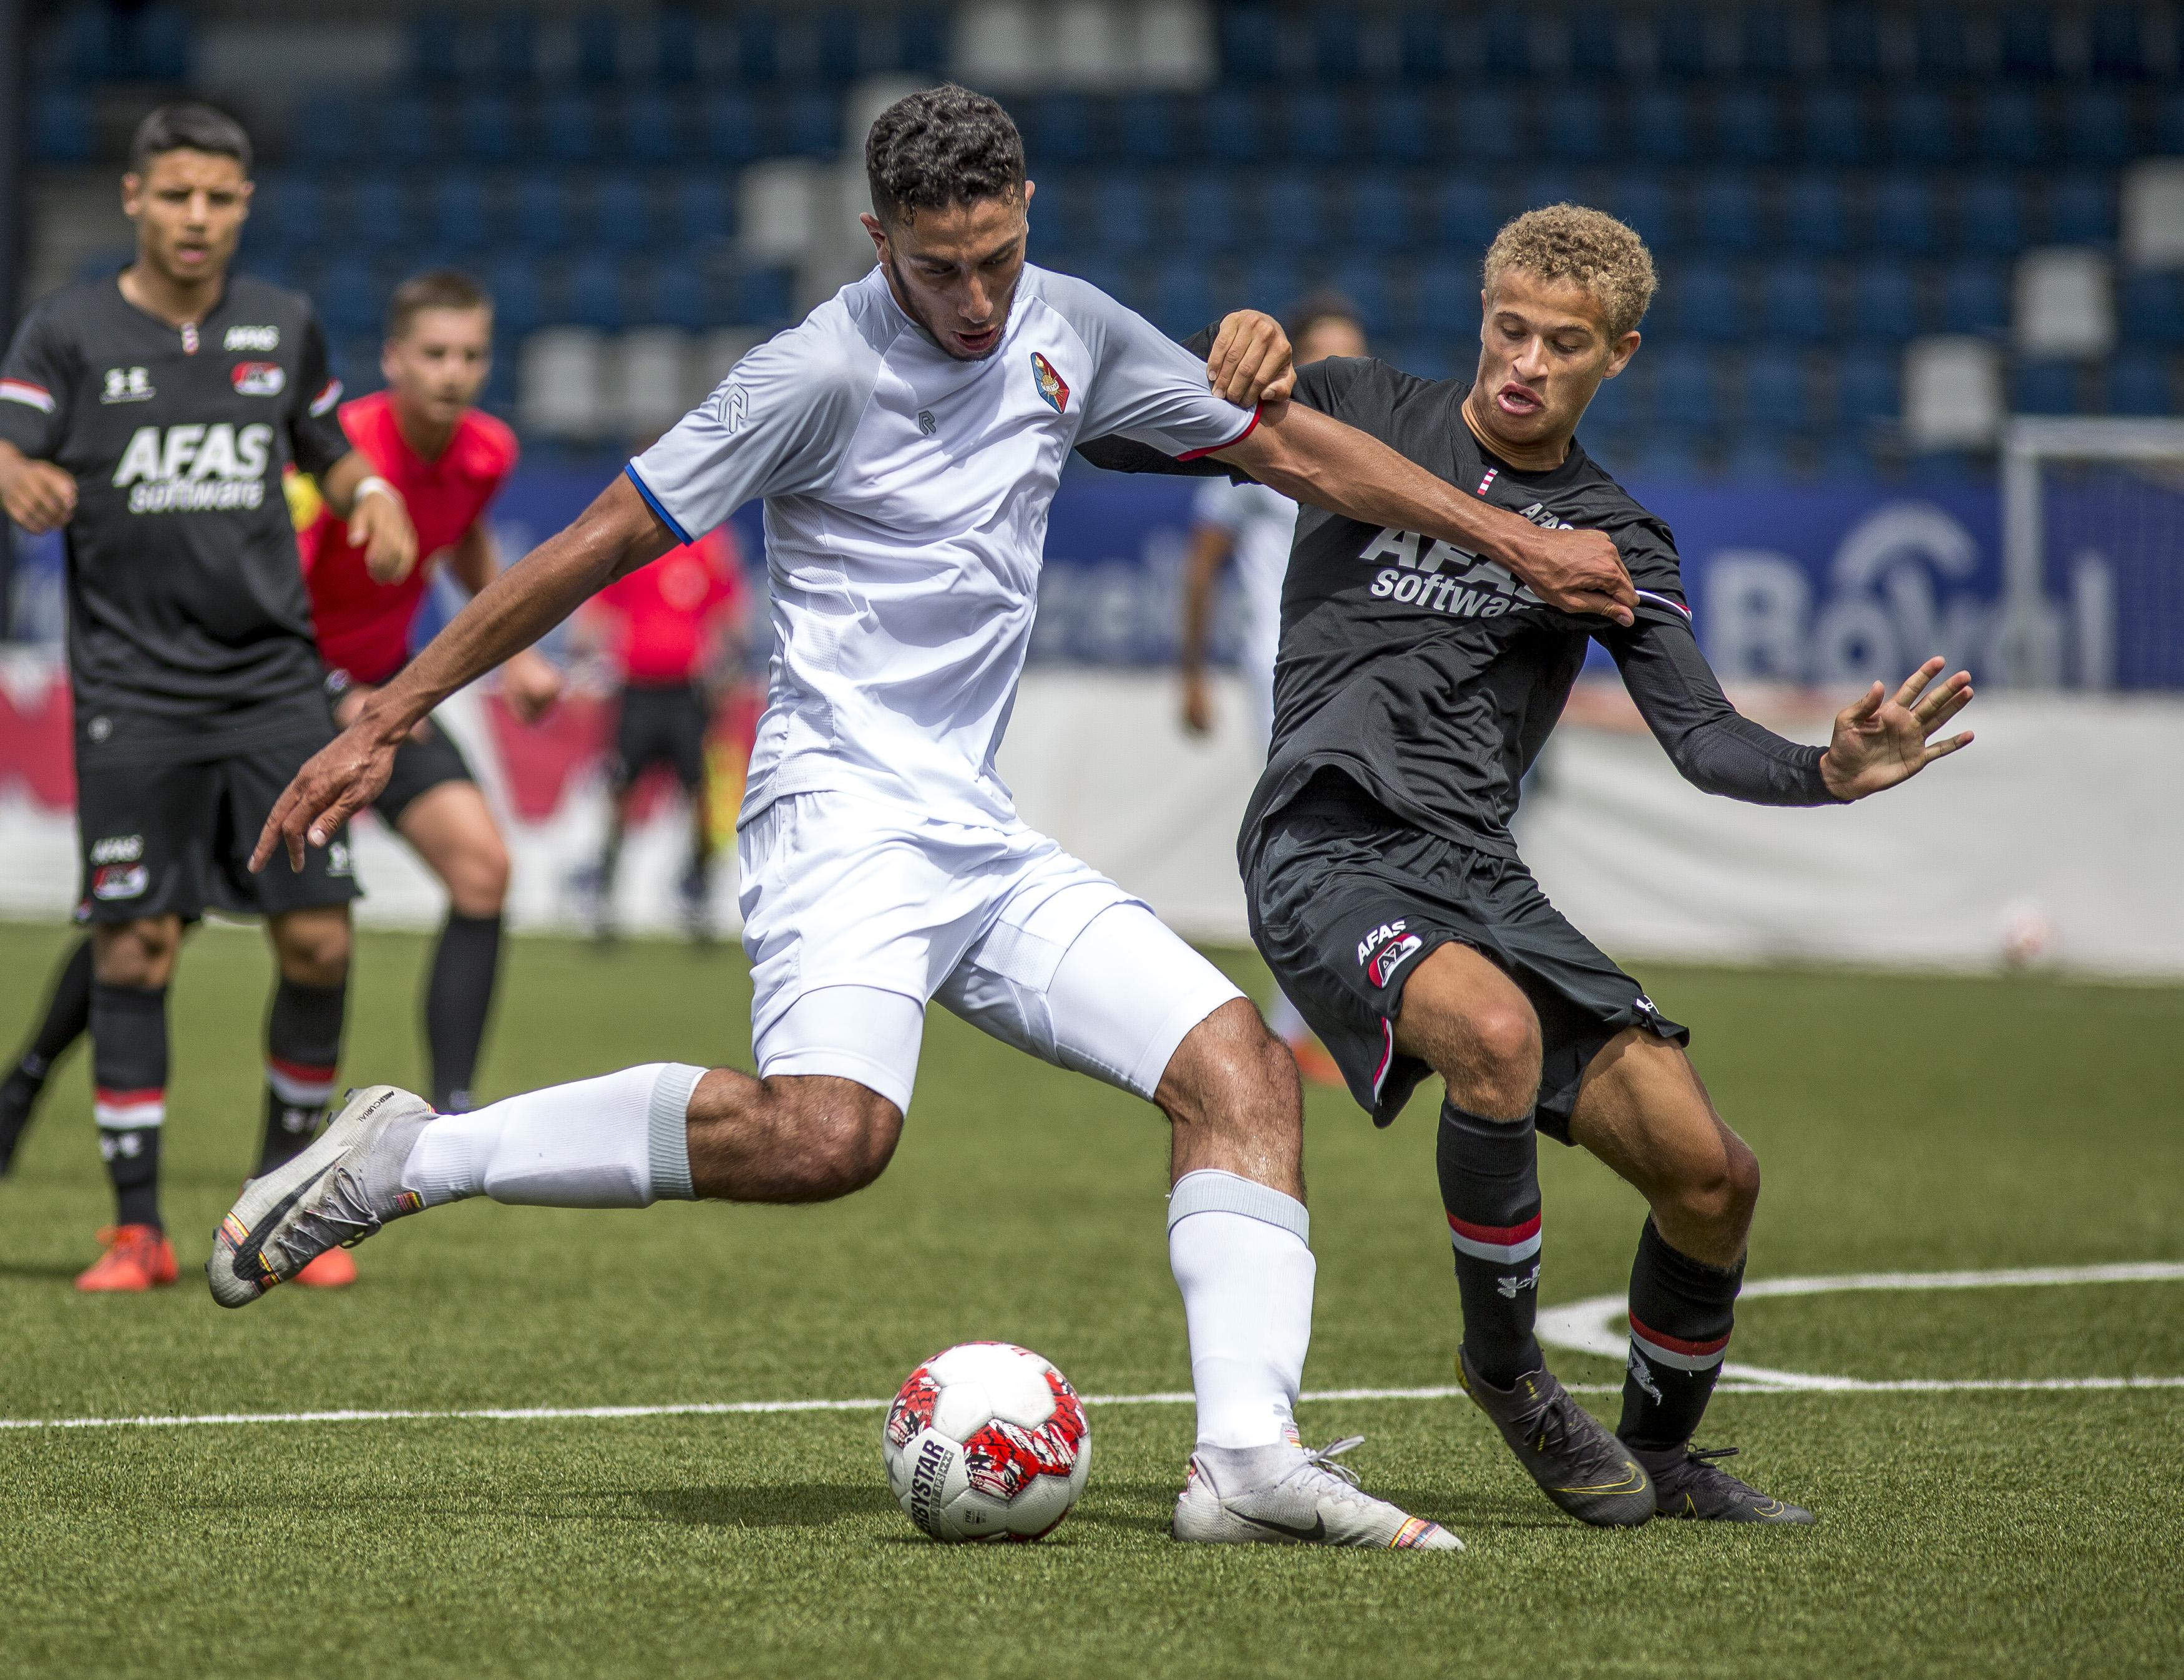 Laatbloeier Reda Kharchouch met sociaal hart laat zich zien met Telstar tegen Jong AZ (3-2)